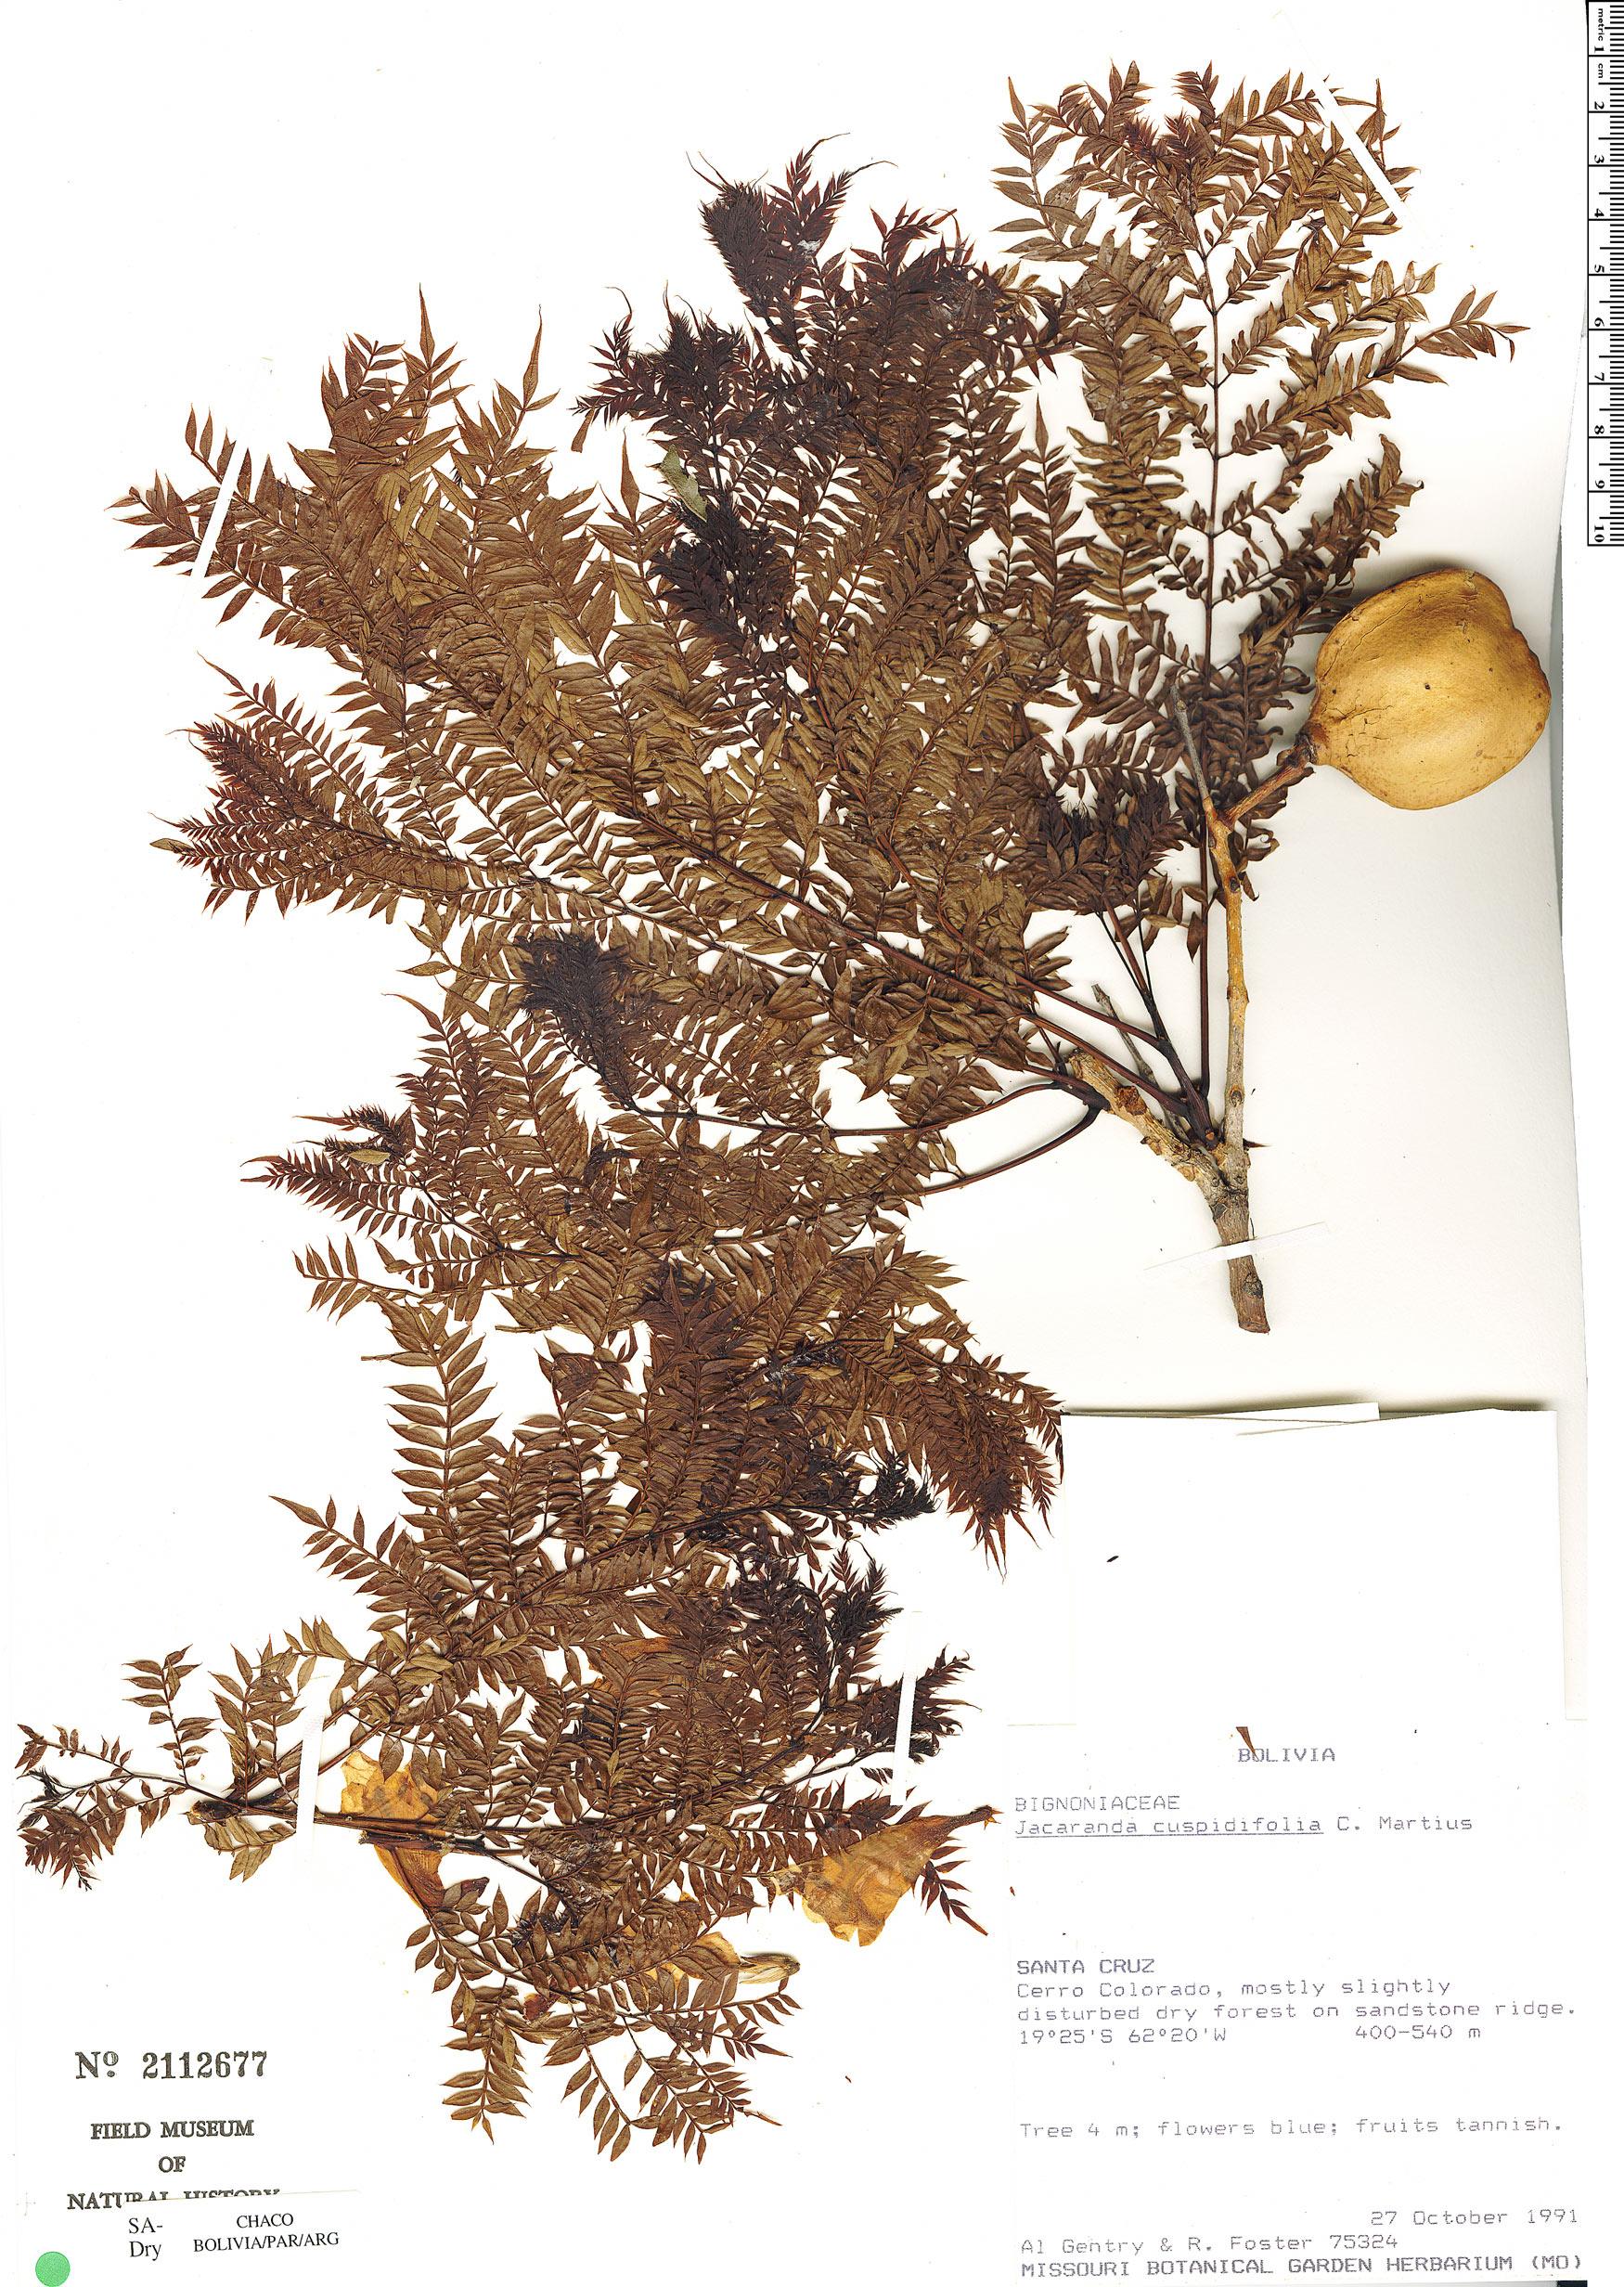 Specimen: Jacaranda cuspidifolia